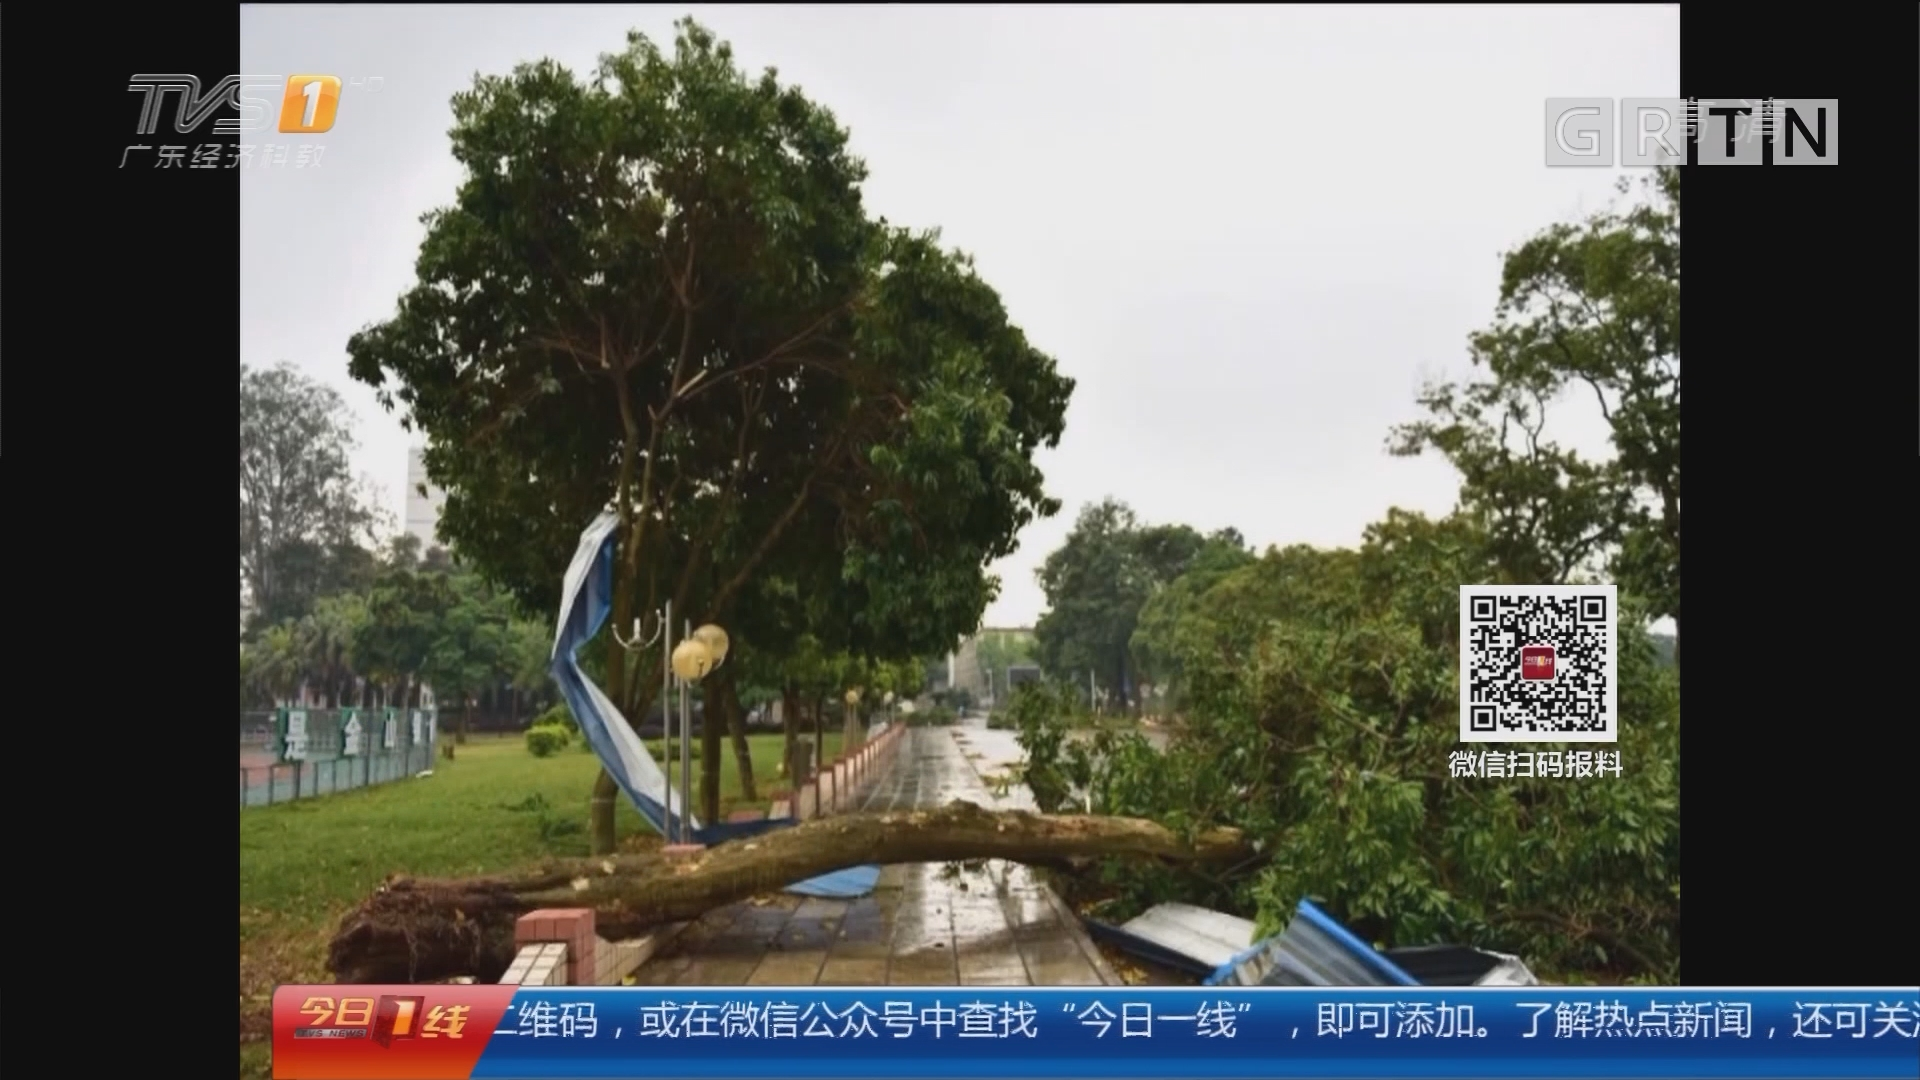 广西柳州:龙卷风肆虐校园 红光冲天传炸裂声